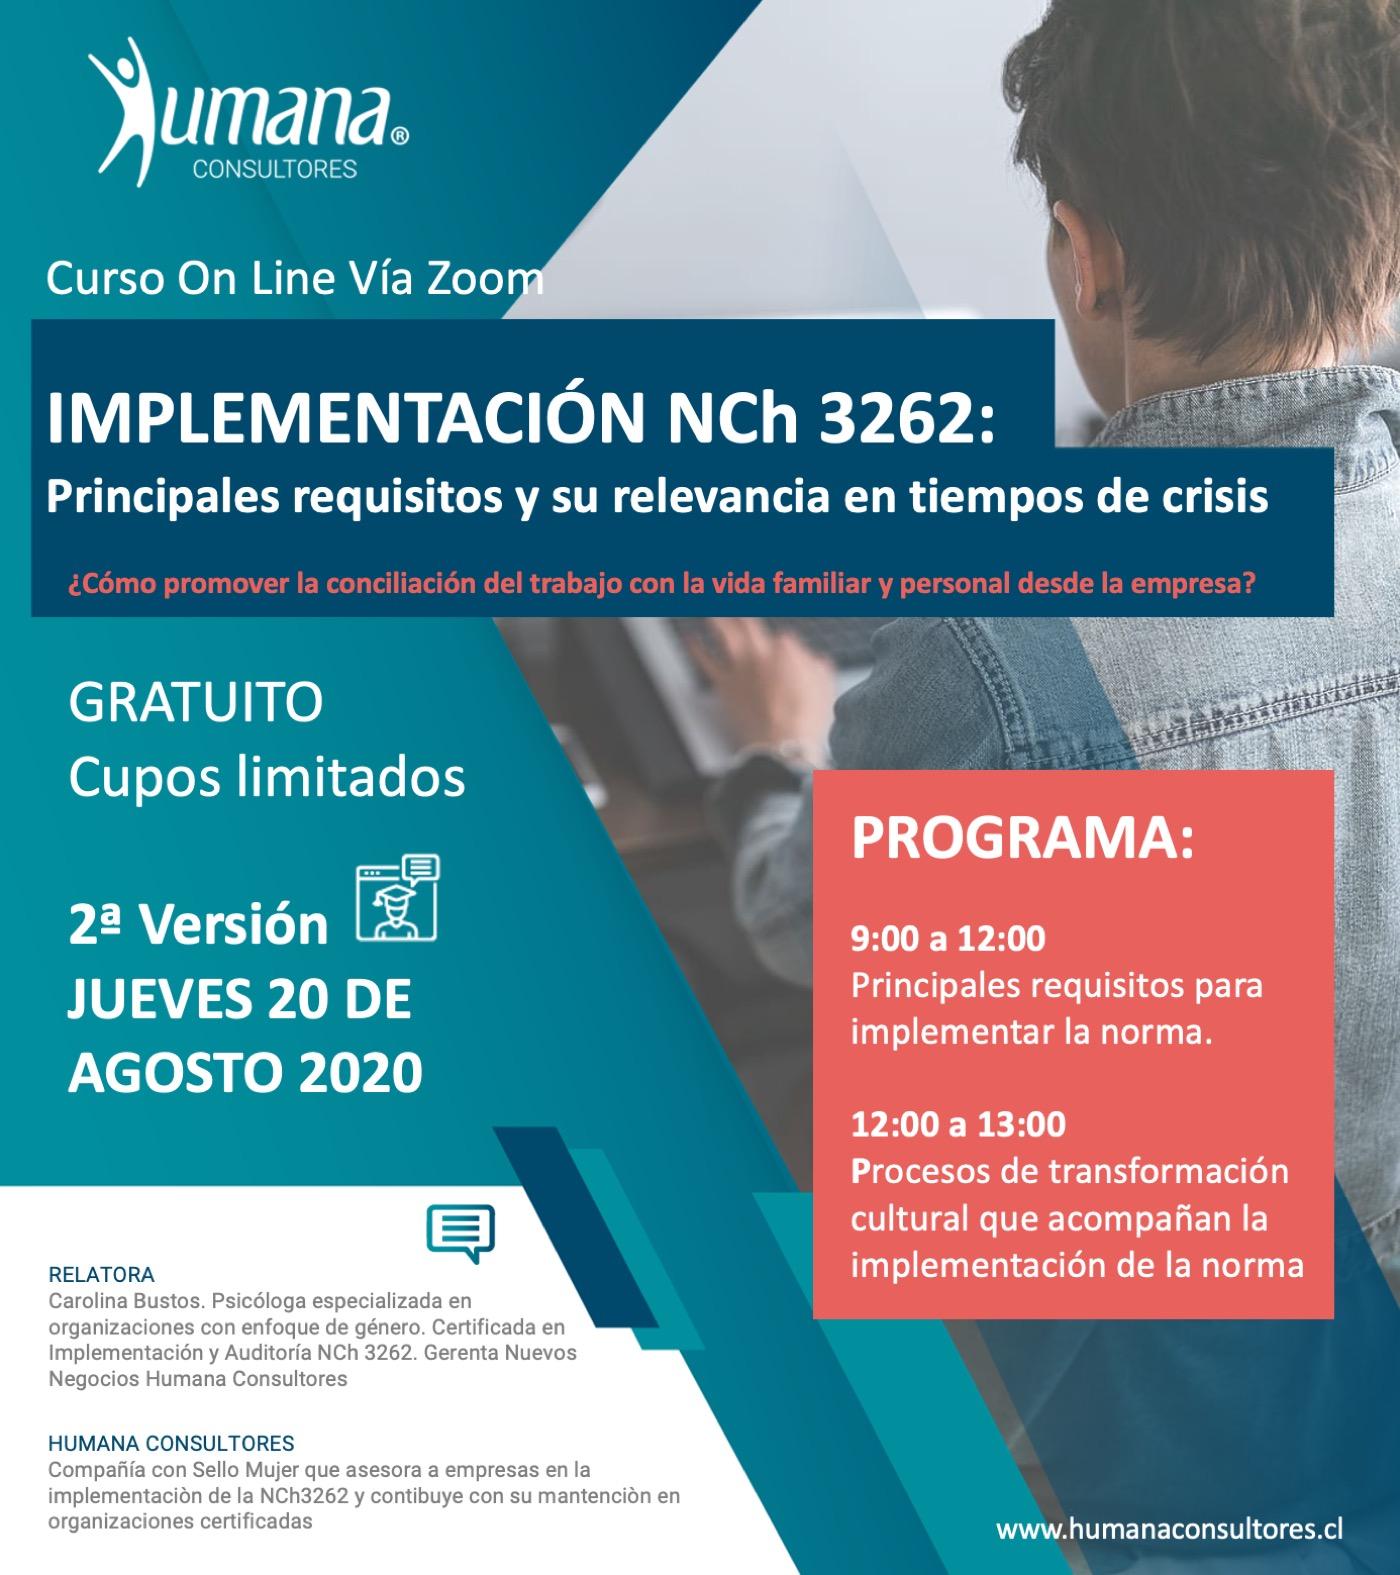 HUMANA CONSULTORES INVITA A 2ª VERSIÓN DE  CURSO GRATUITO DE IMPLEMENTACIÓN DE LA NCh3262